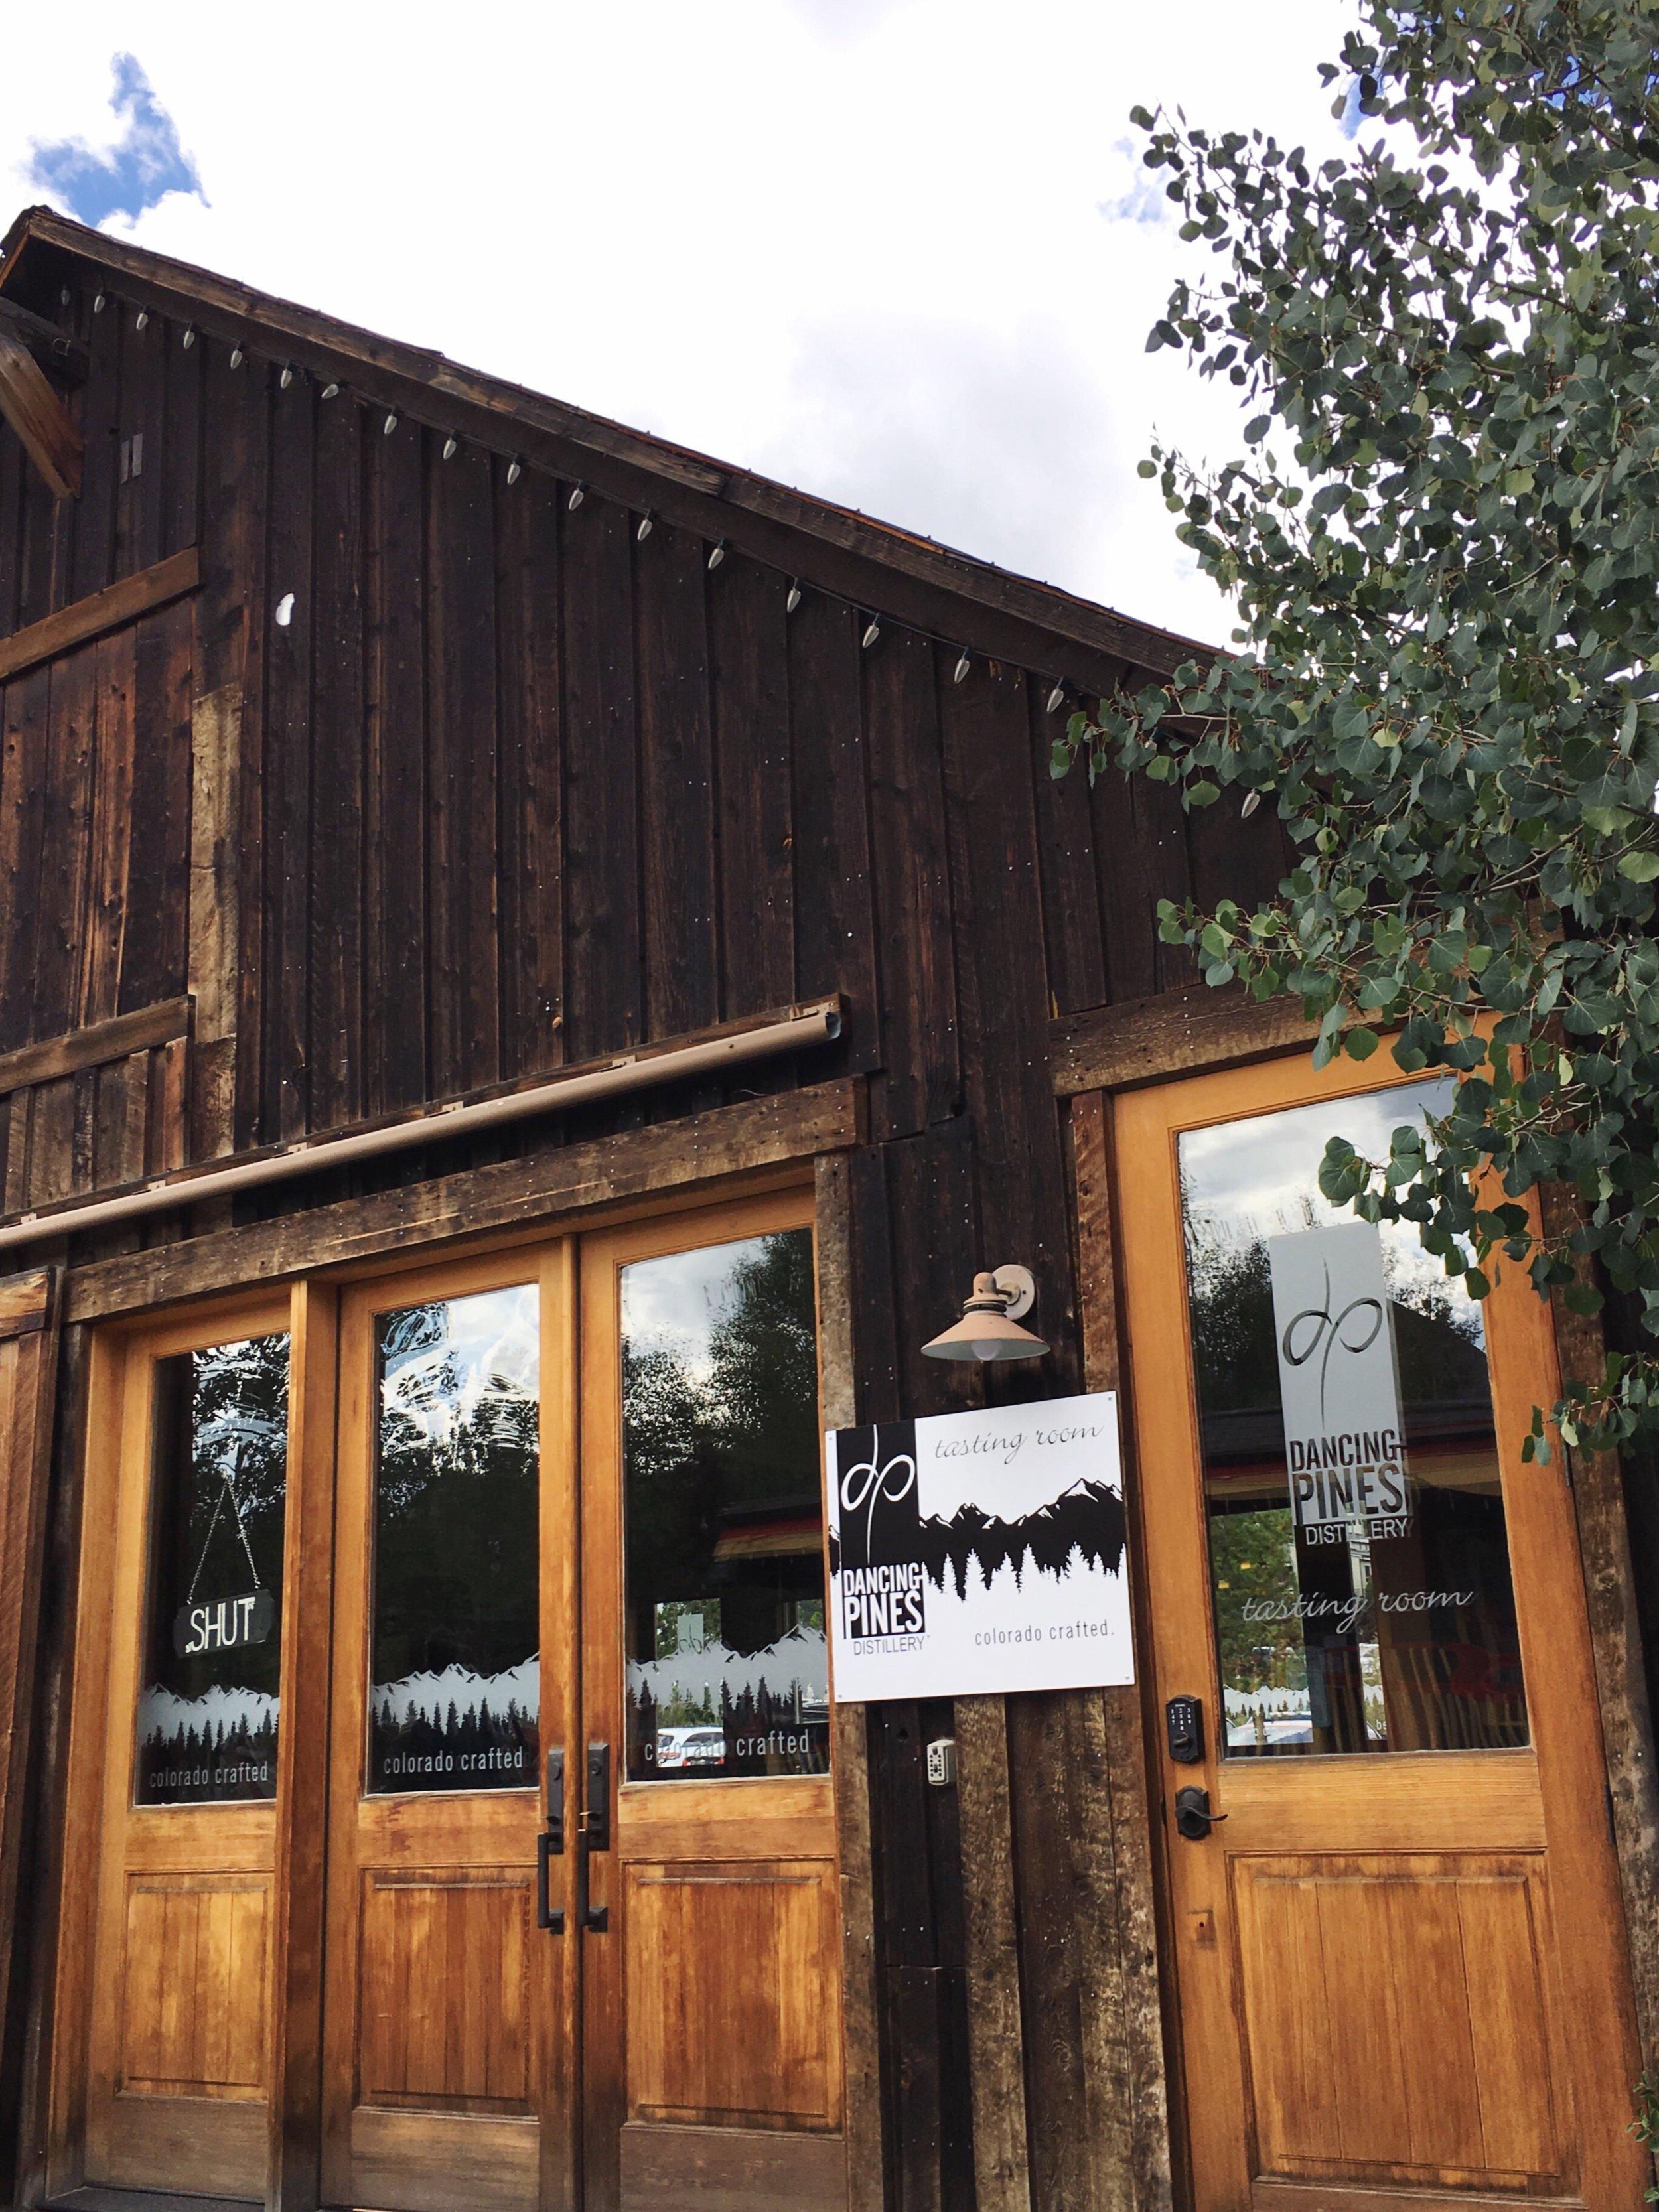 dancing pines distillery - breckenridge travel guide | la petite farmhouse